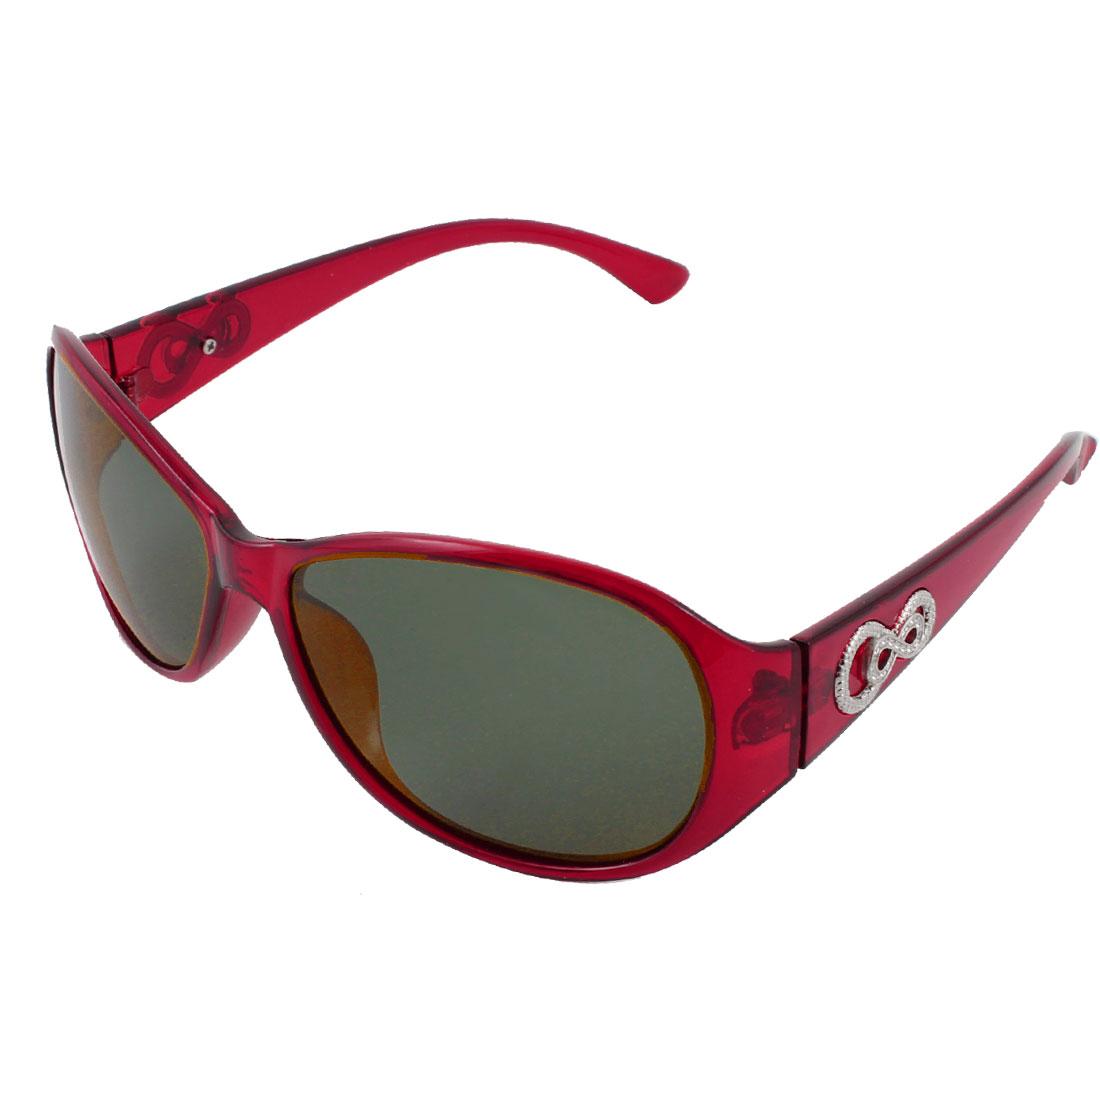 Burgundy Full Frame Single Bridge Sports Polarized Sunglasses for Women